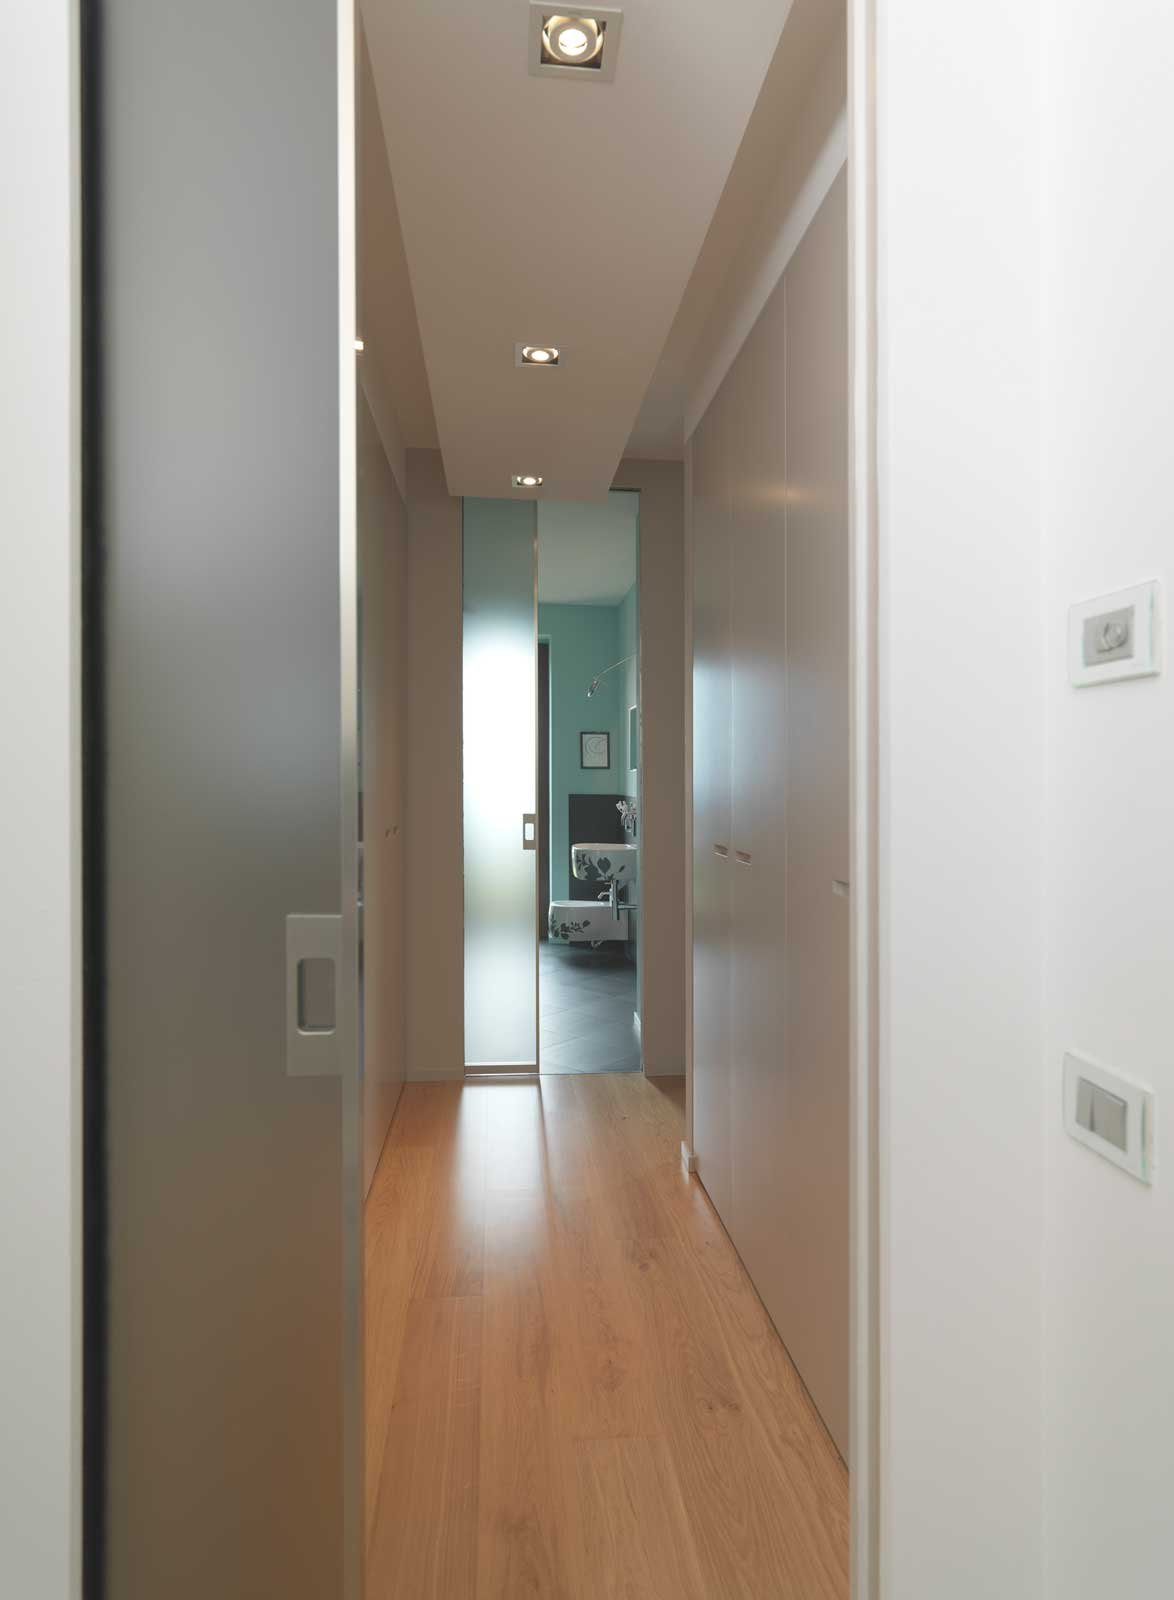 Come scegliere la porta scorrevole per il bagno cose di casa - Porte per la casa ...